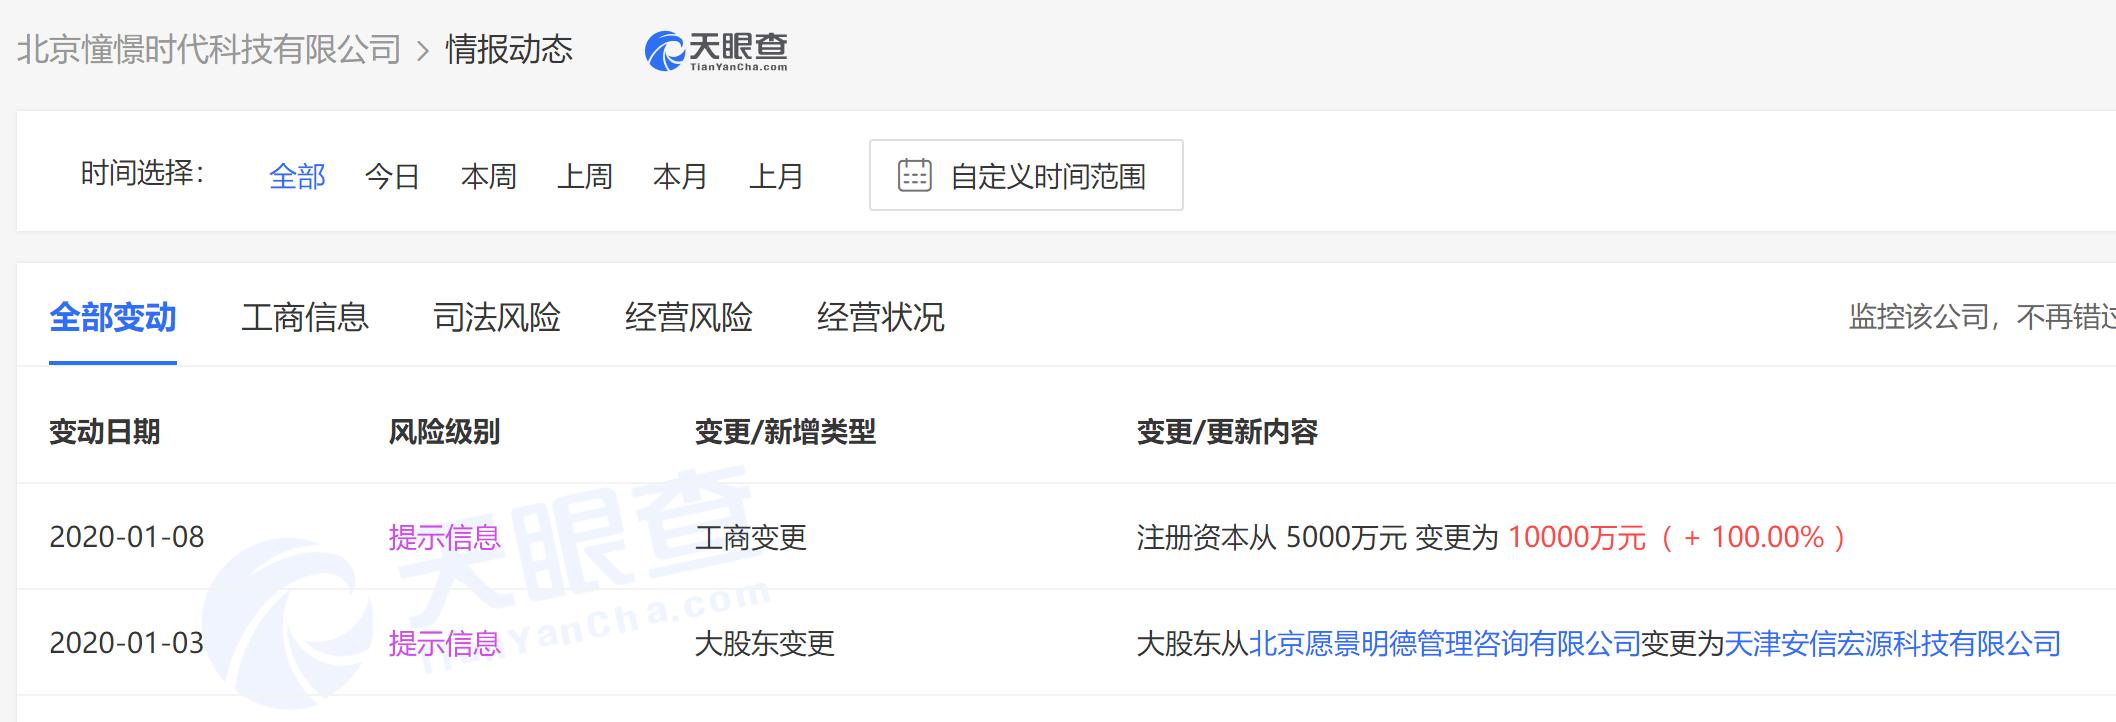 北京憧憬时代实际控制人发生变更 链家董事长左晖不再持股